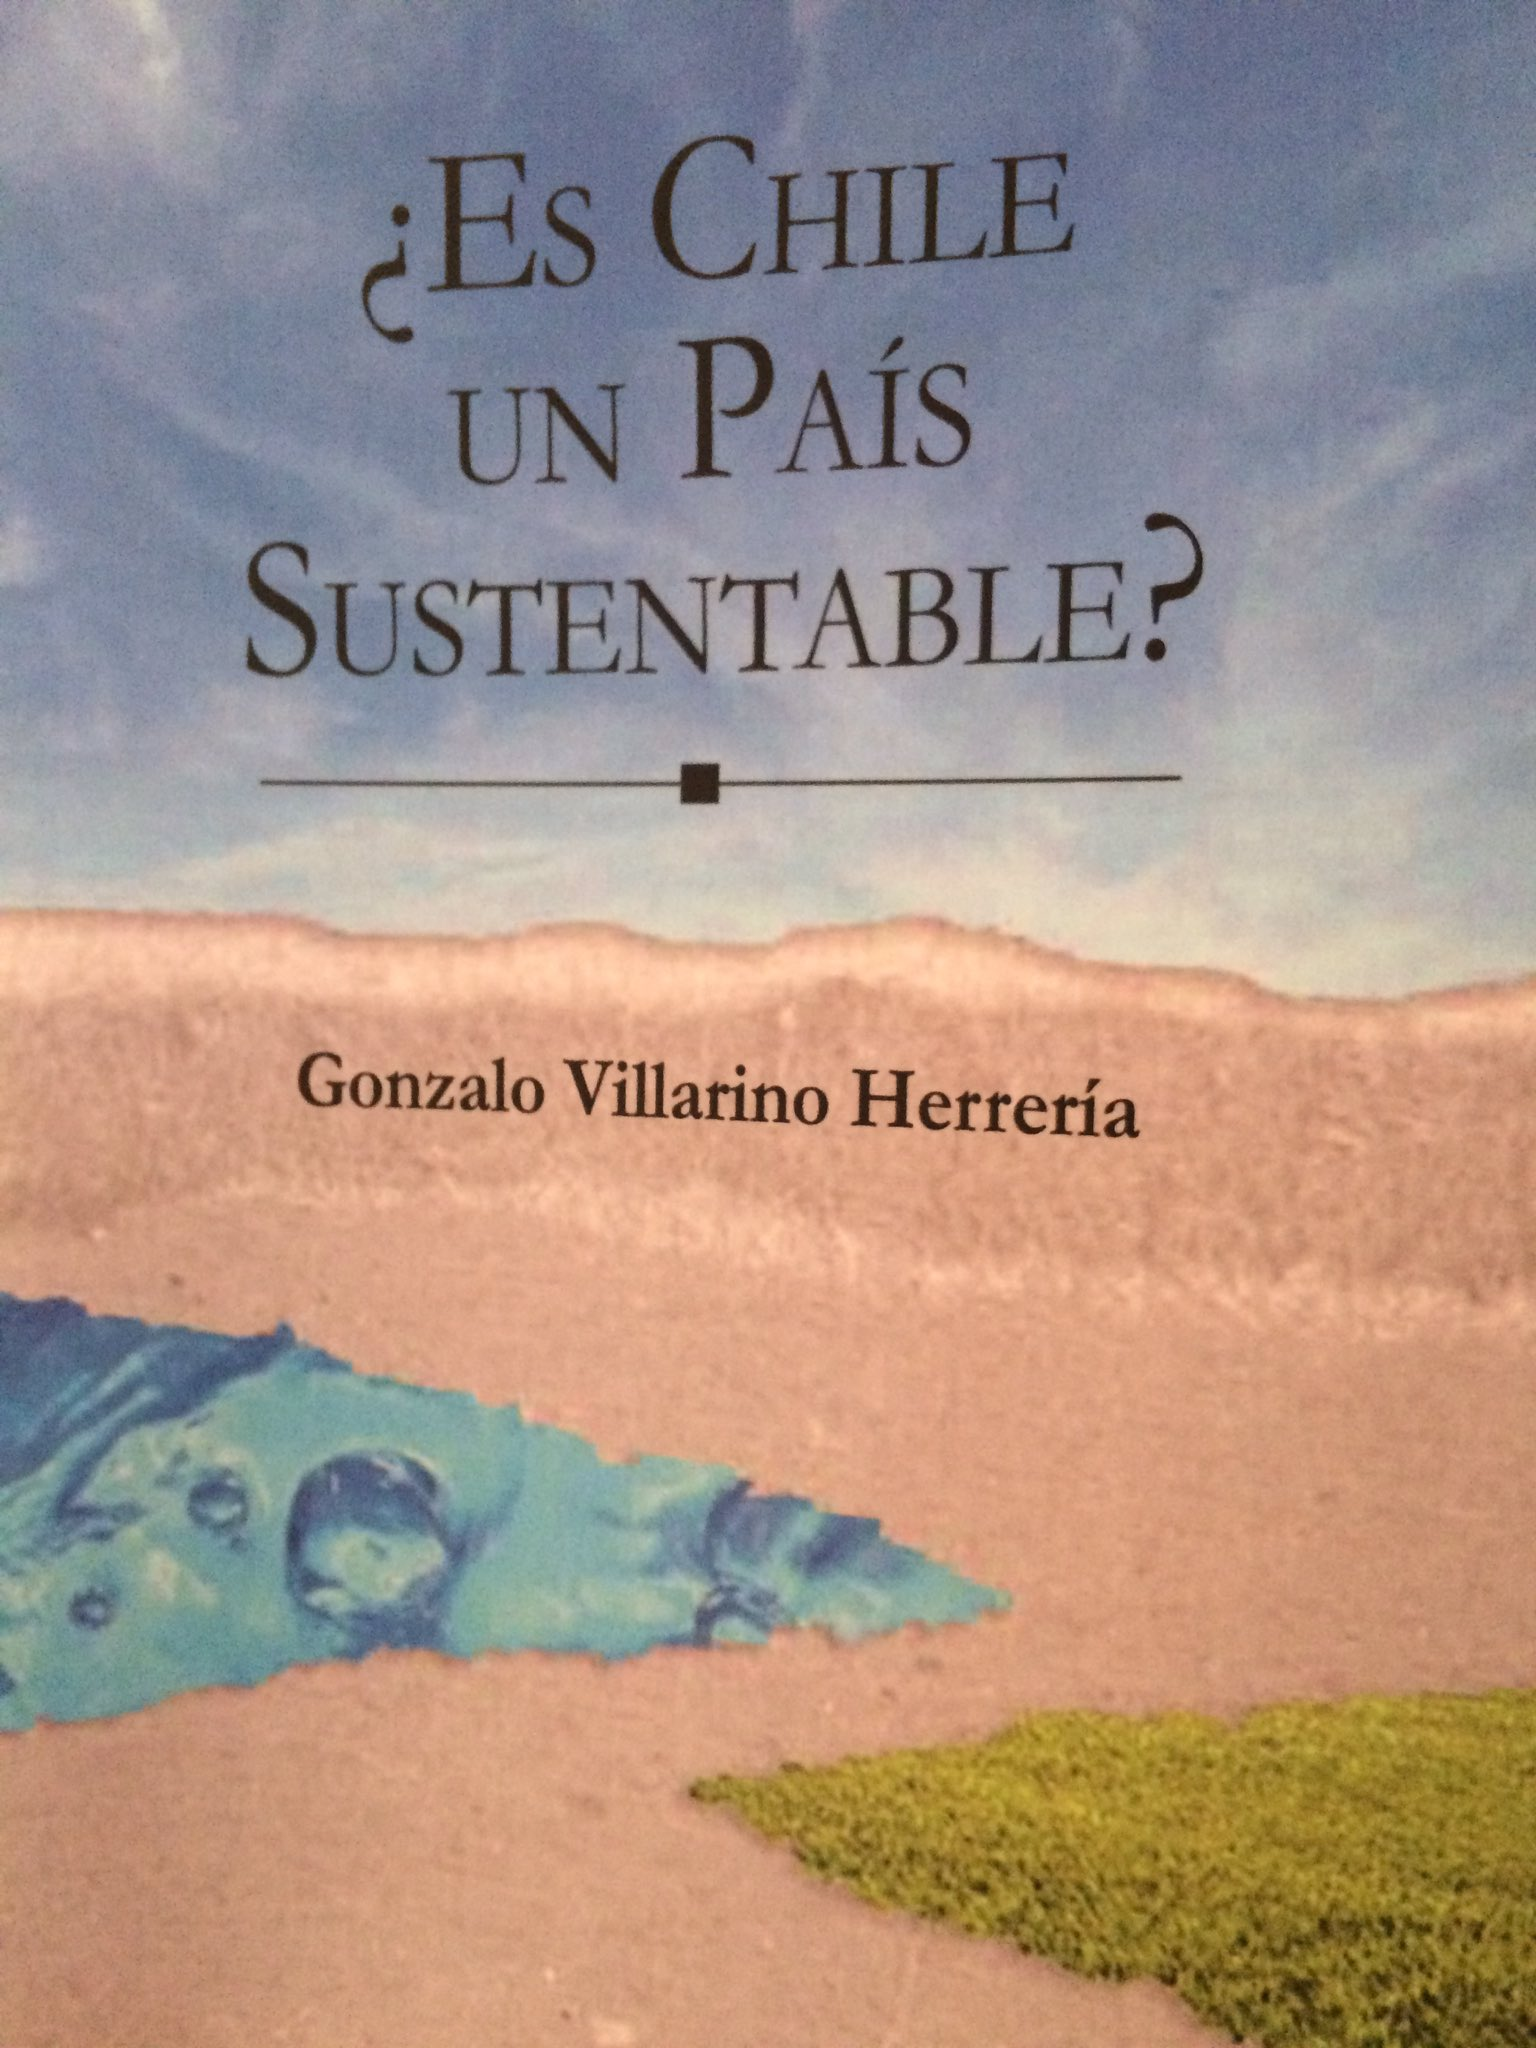 Para los interesados en temas medioambientales, ya está a la venta el libro: Es #Chile un país #sustentable? 📚 del economista experto en medioambiente, Gonzalo Villarino 🙂 https://t.co/VqyKK9bSTs